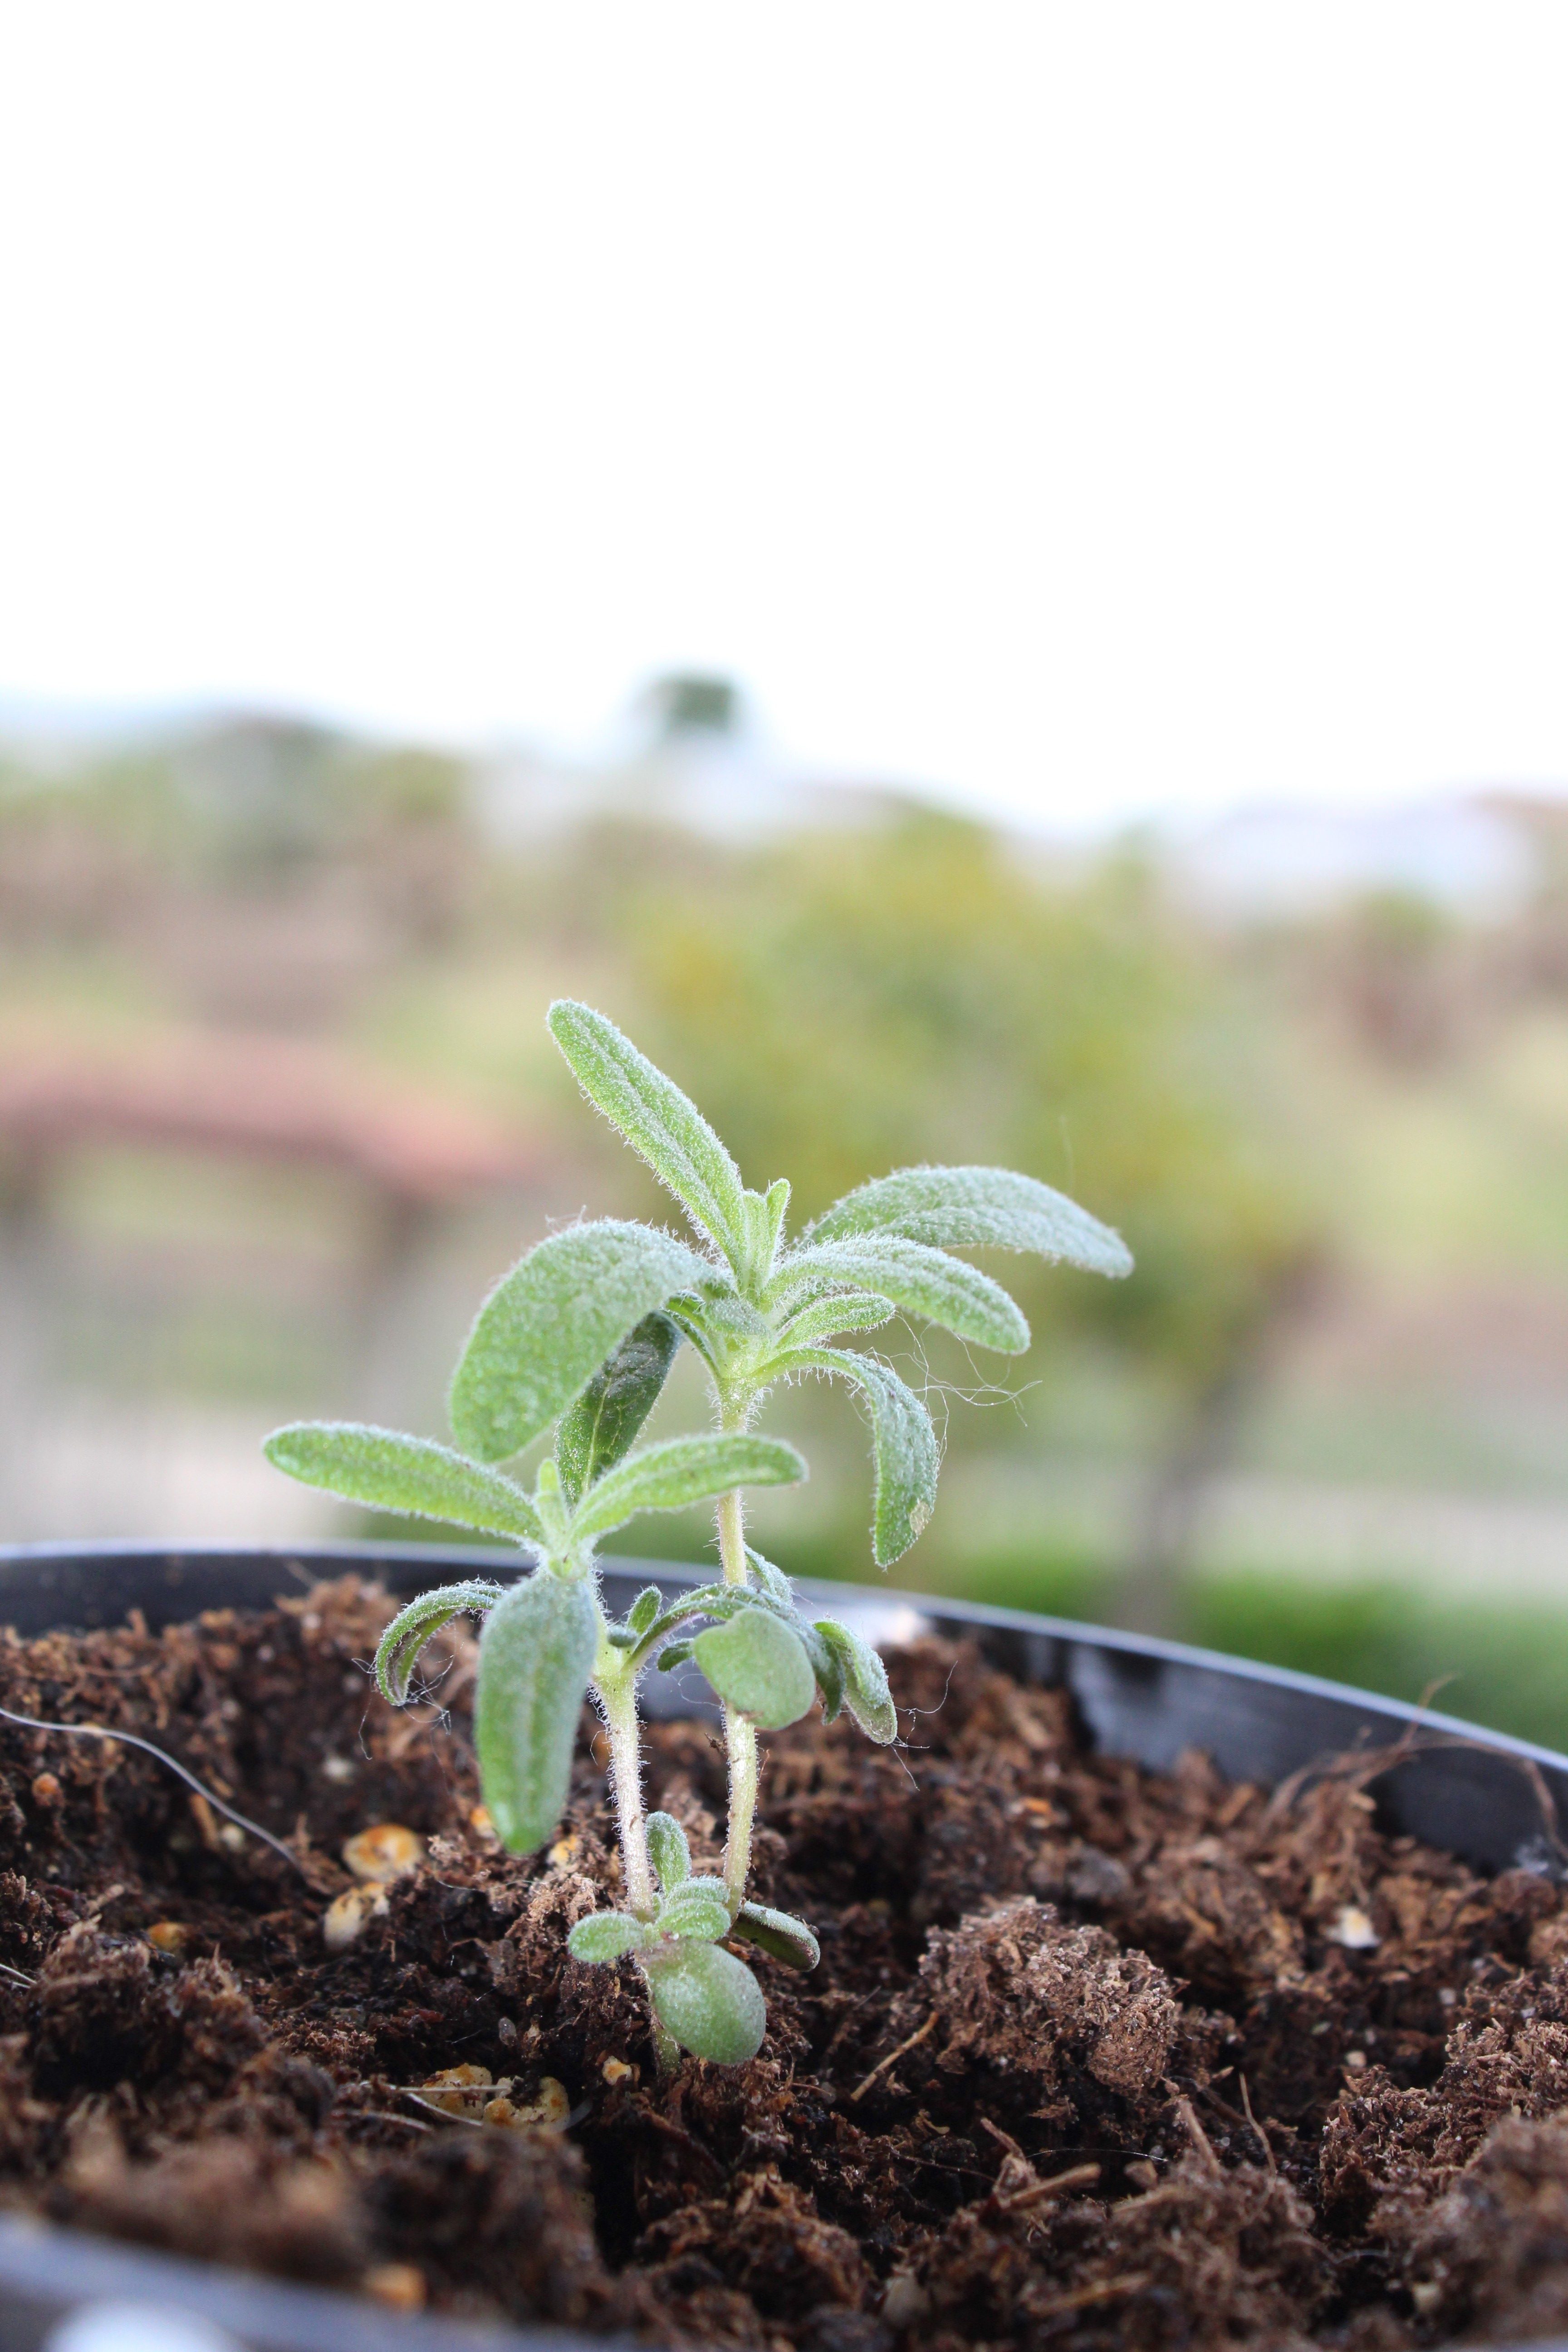 Giornata Mondiale Dell'Ambiente, In Agricoltura Occorrono Nuovi Modelli Produttivi